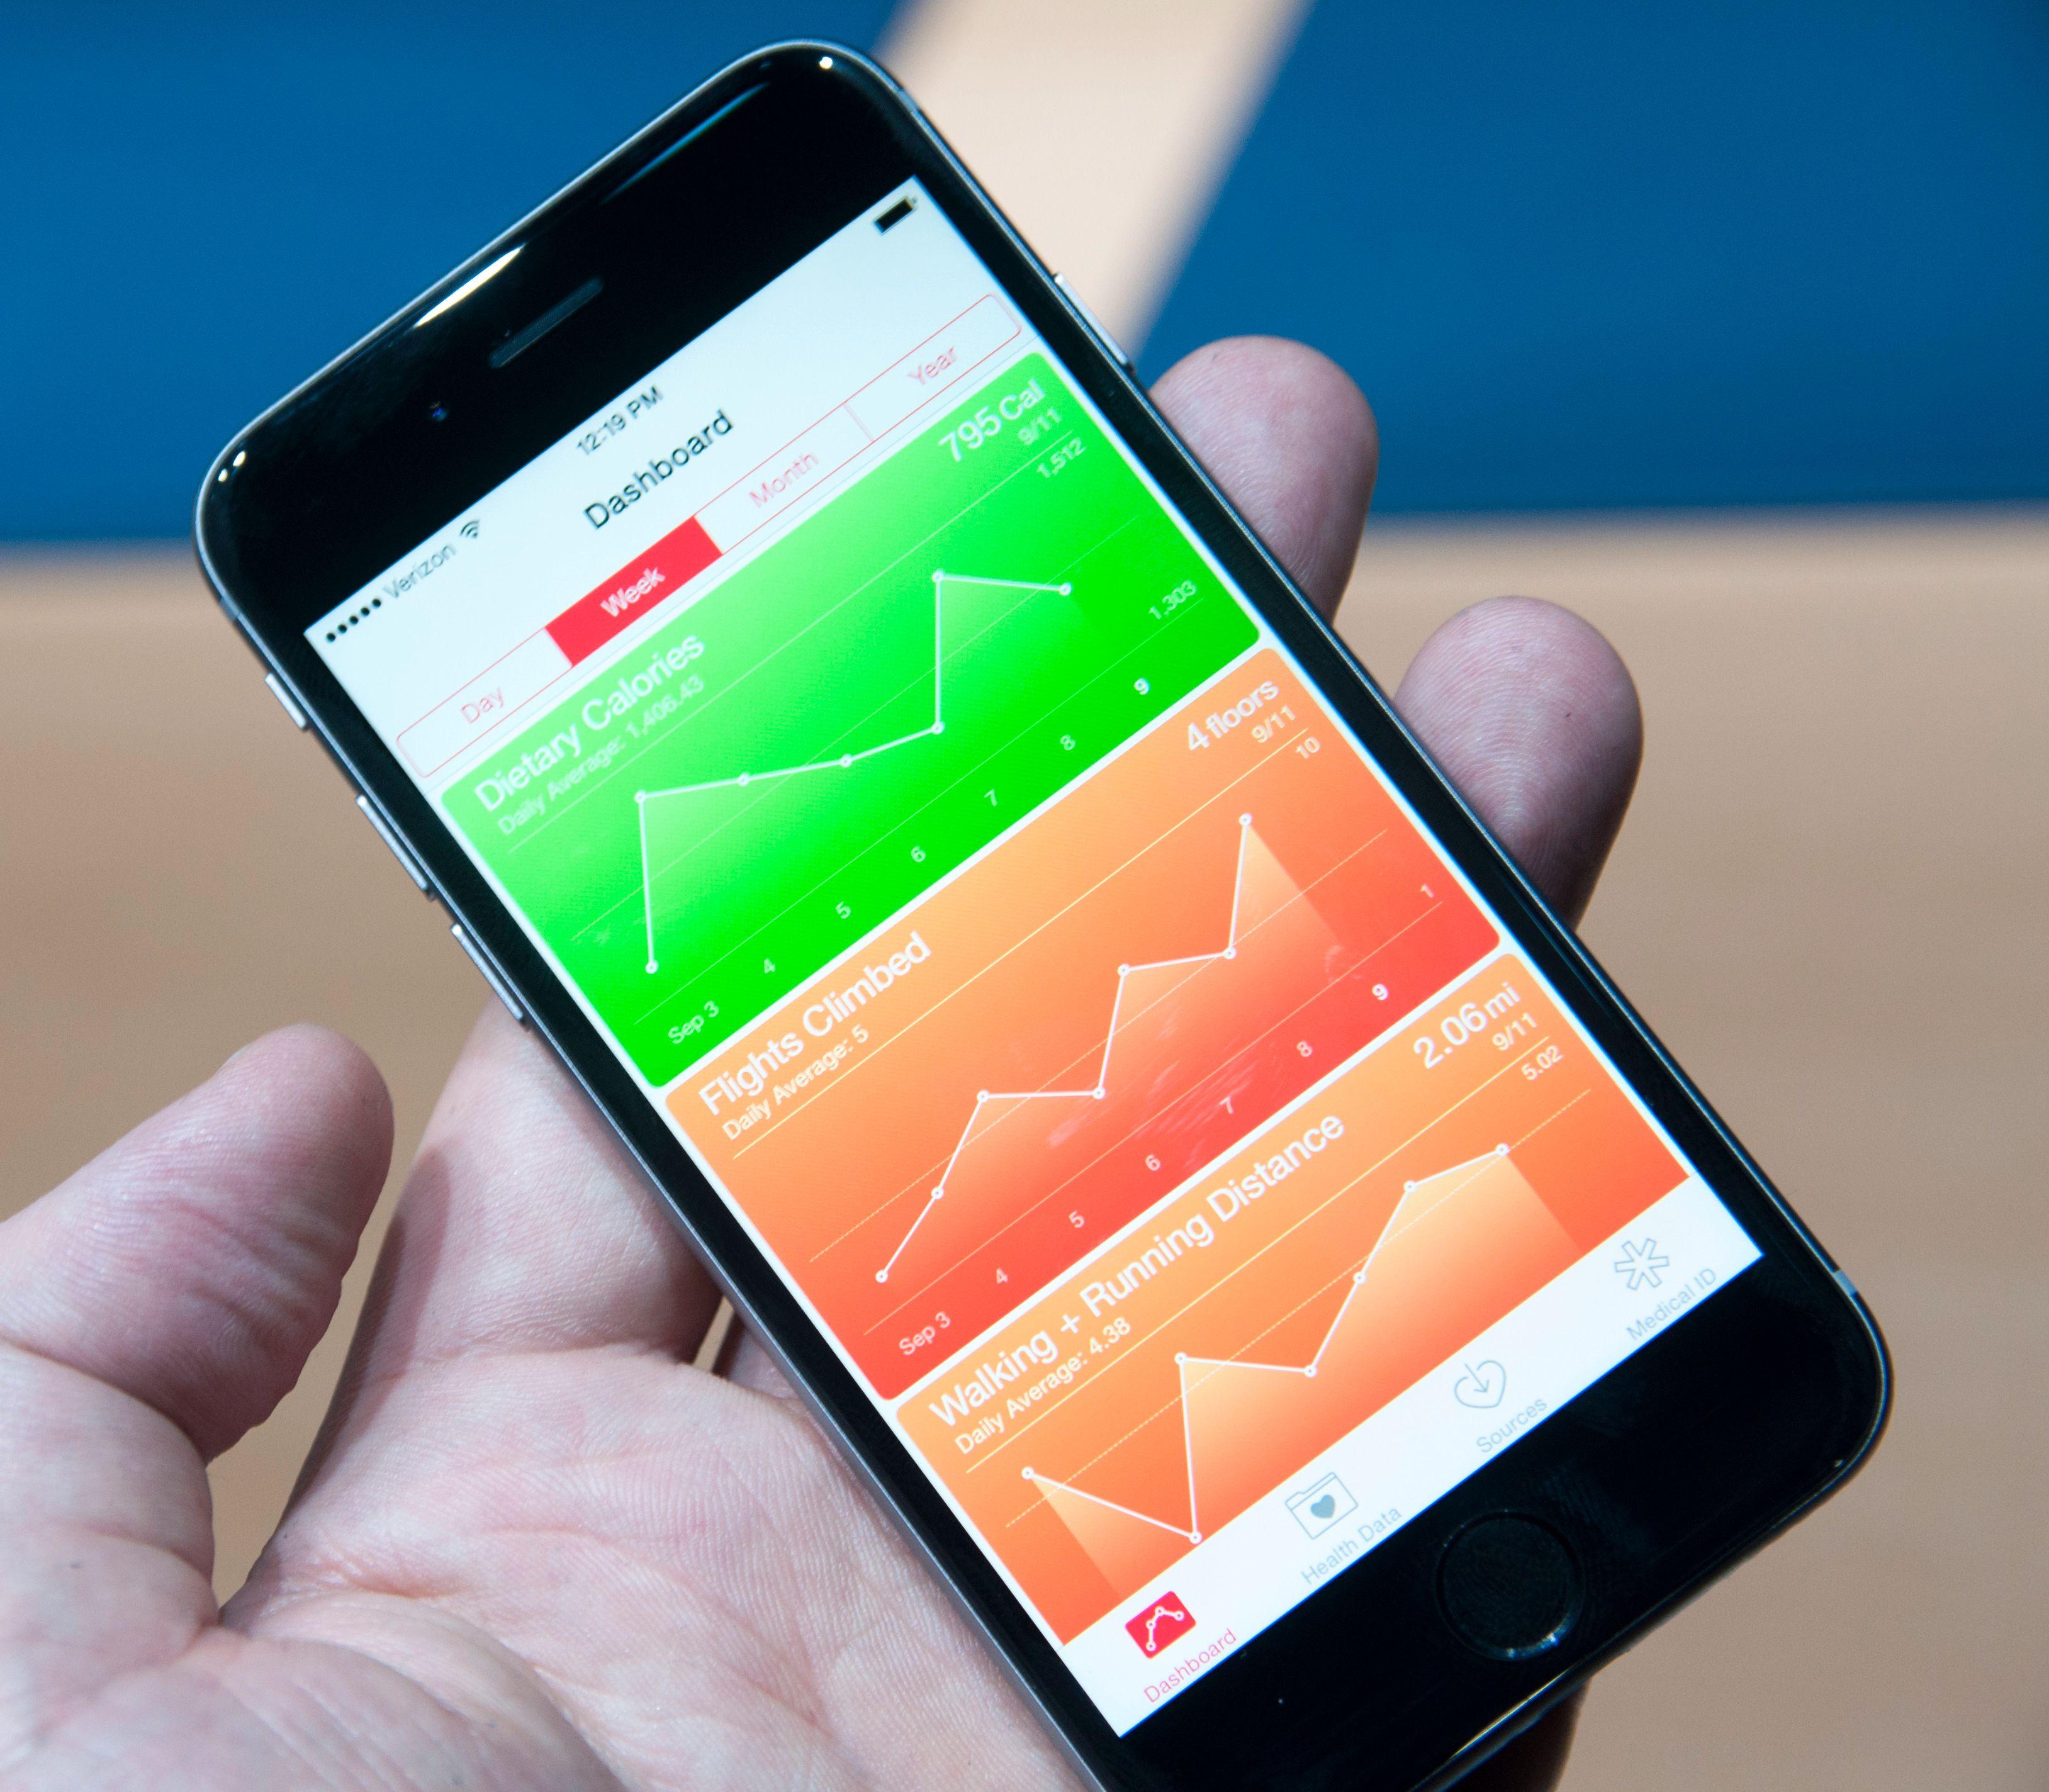 Som mange andre mobilprodusenter satser også Apple på helse.Foto: Finn Jarle Kvalheim, Amobil.no